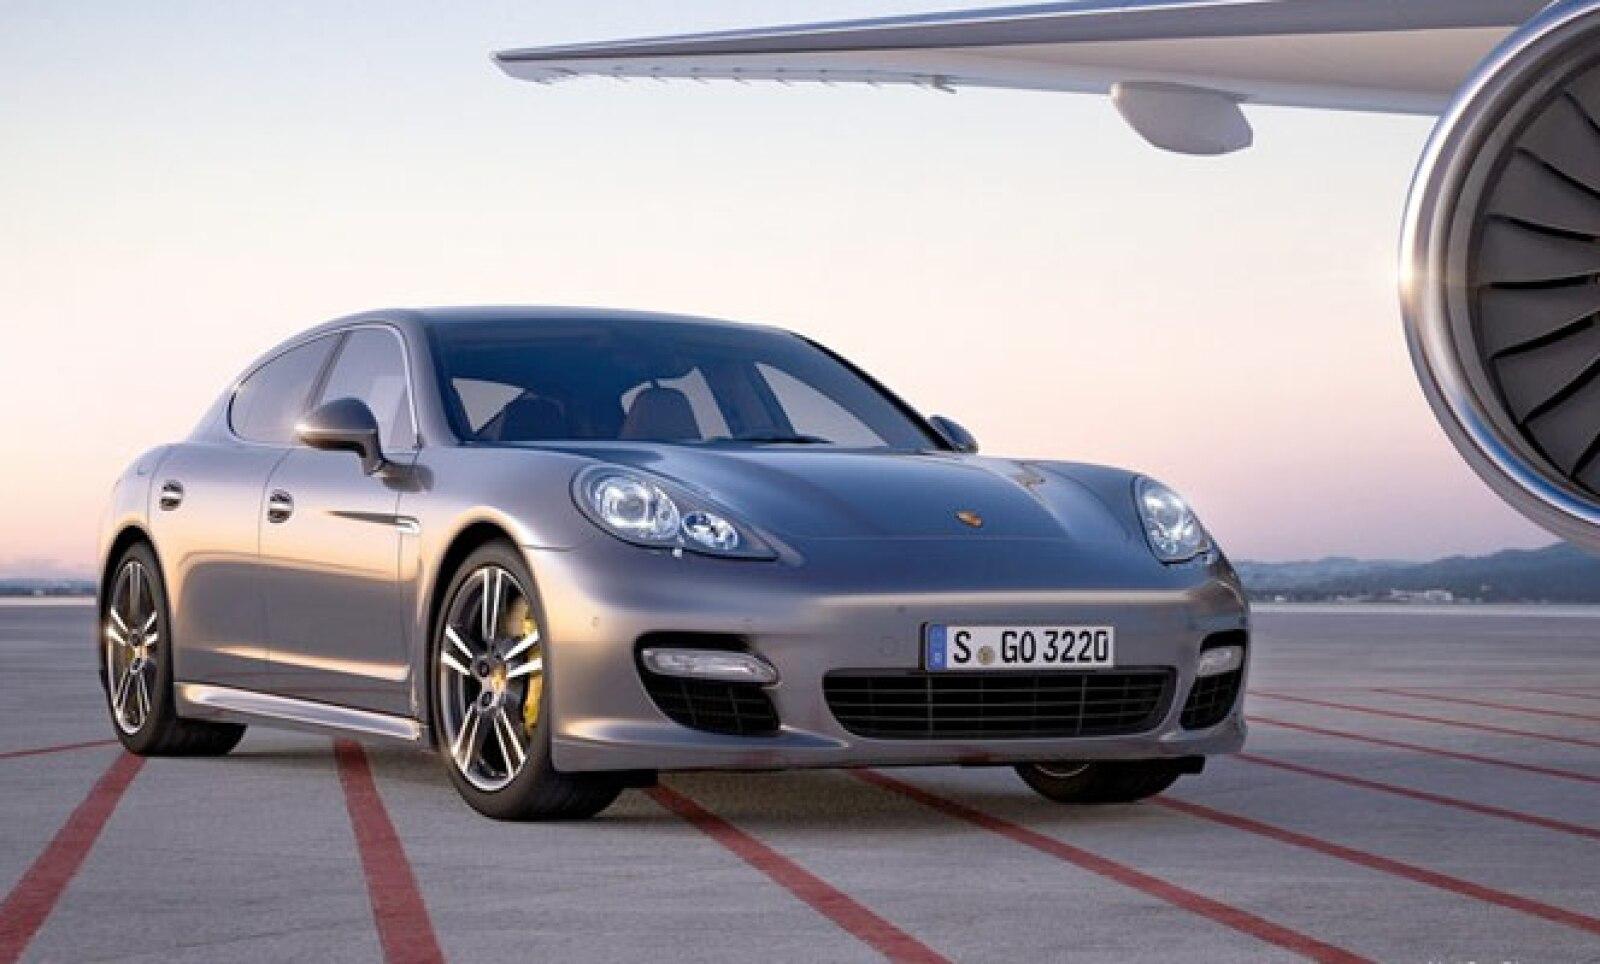 El vehículo estará disponible en junio en el mercado estadounidense y tendrá un precio superior a los 190,000 dólares.